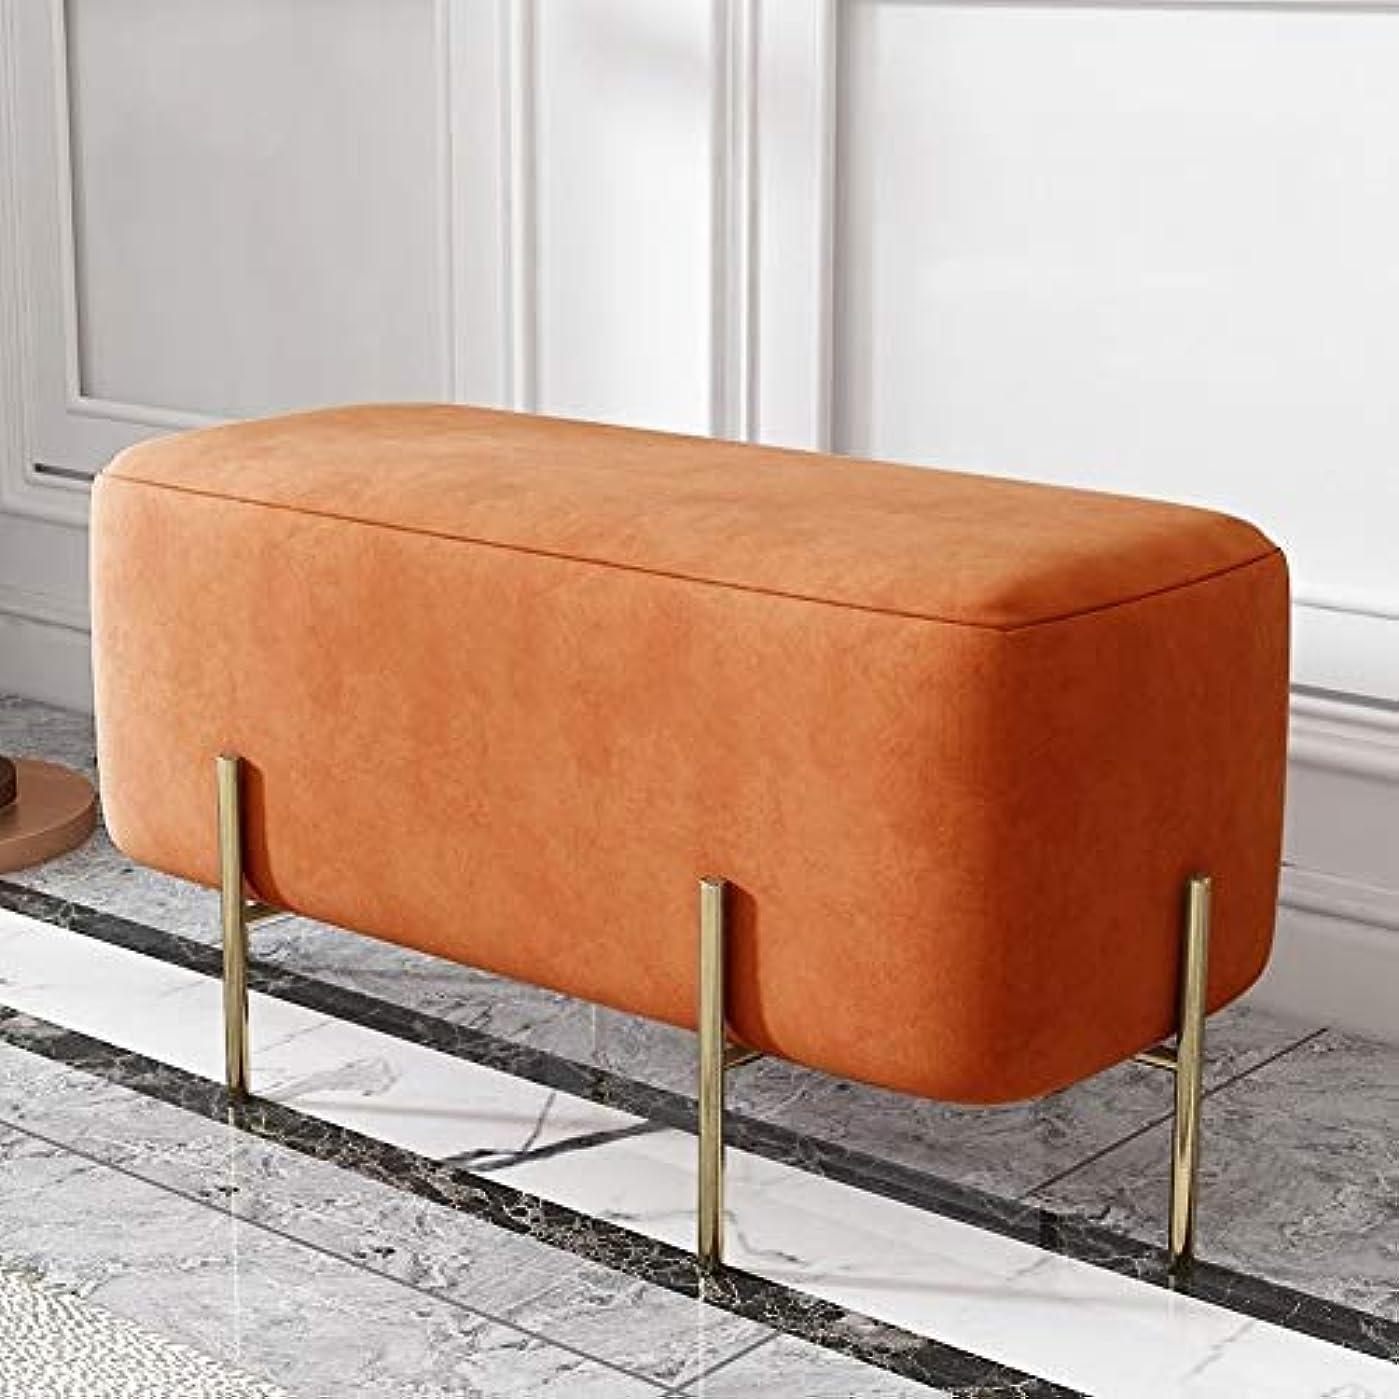 お客様懲戒ながら北欧ホームドア変更靴ベンチベッドエンドスツールスツールスツールライト高級クロークソファーベンチベンチベンチシューズベンチ - 90センチ (Color : Sauce Orange)